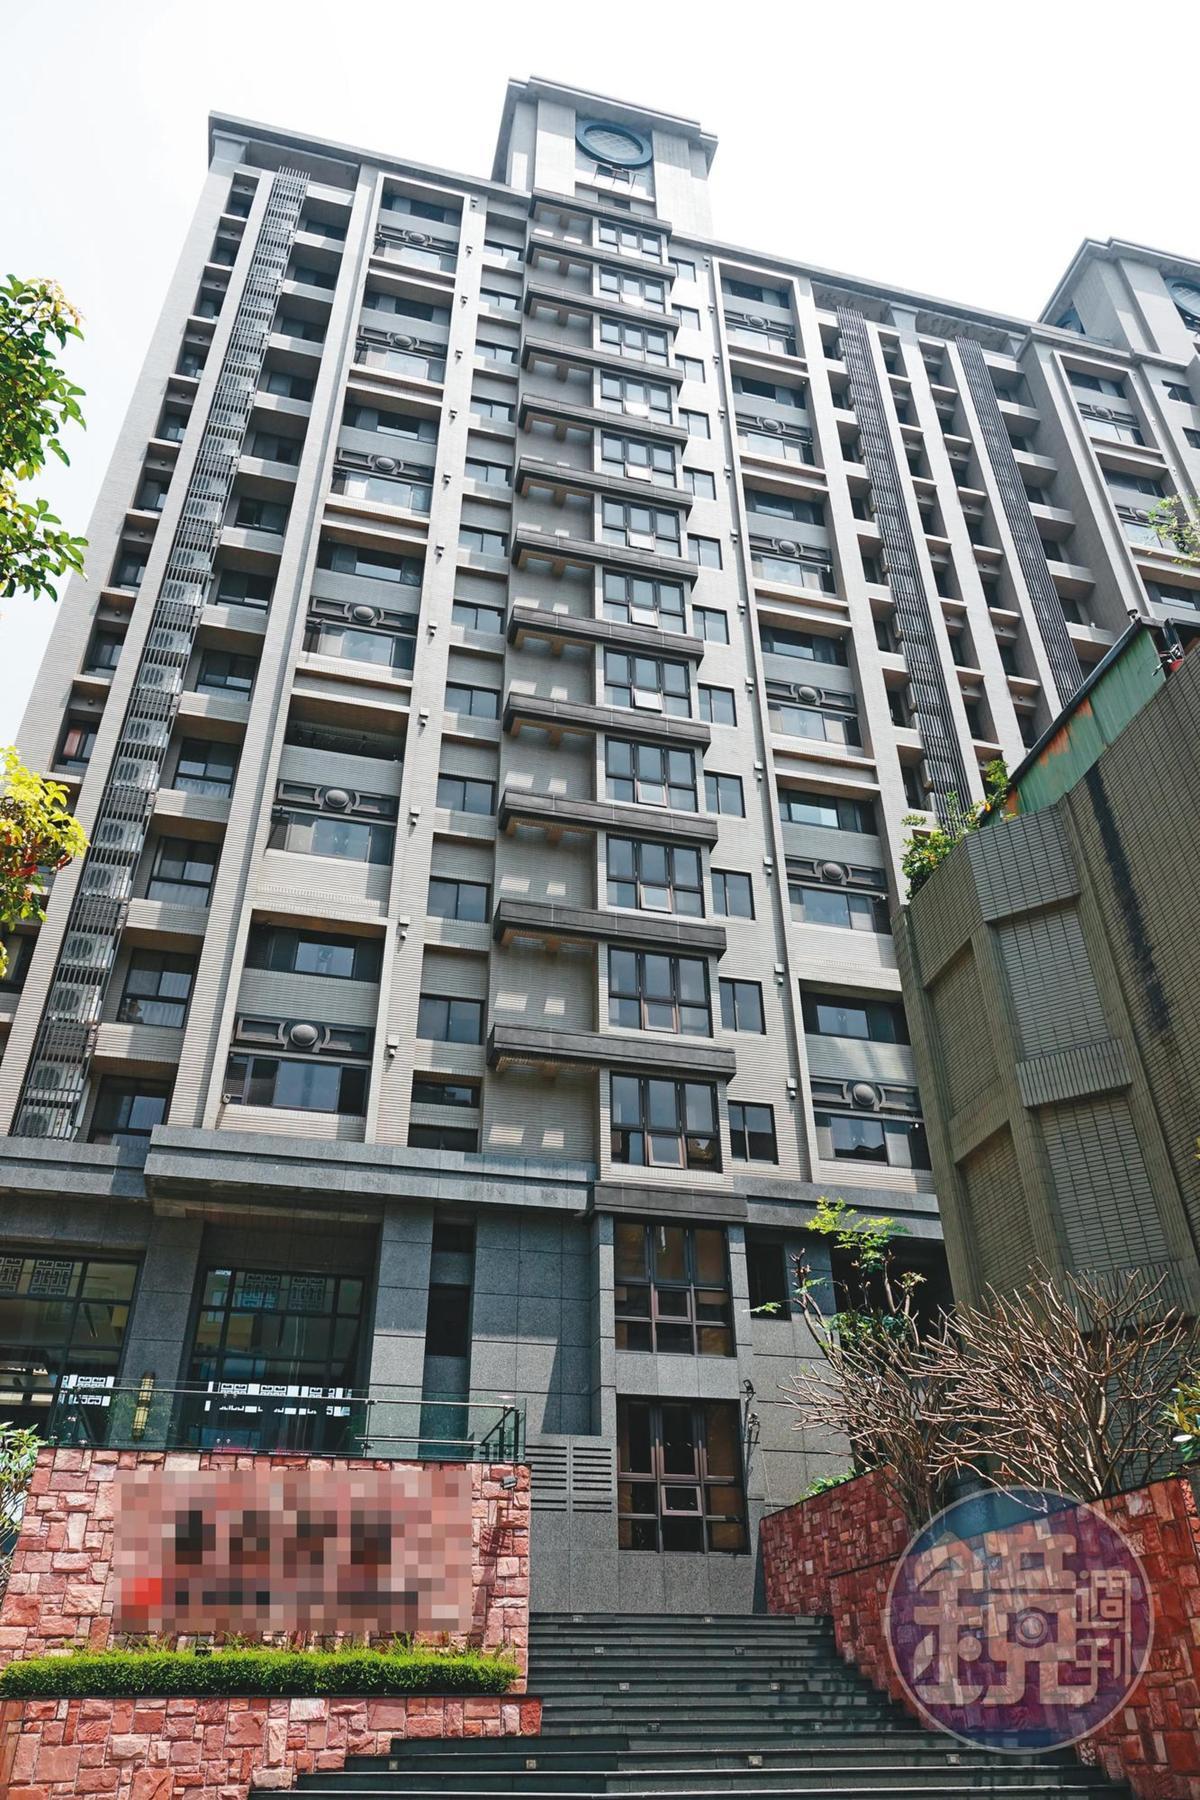 簡芳貞住在桃園蘆竹的高級豪宅(圖),該處也是吳彭弘跟簡固定約會的愛巢。